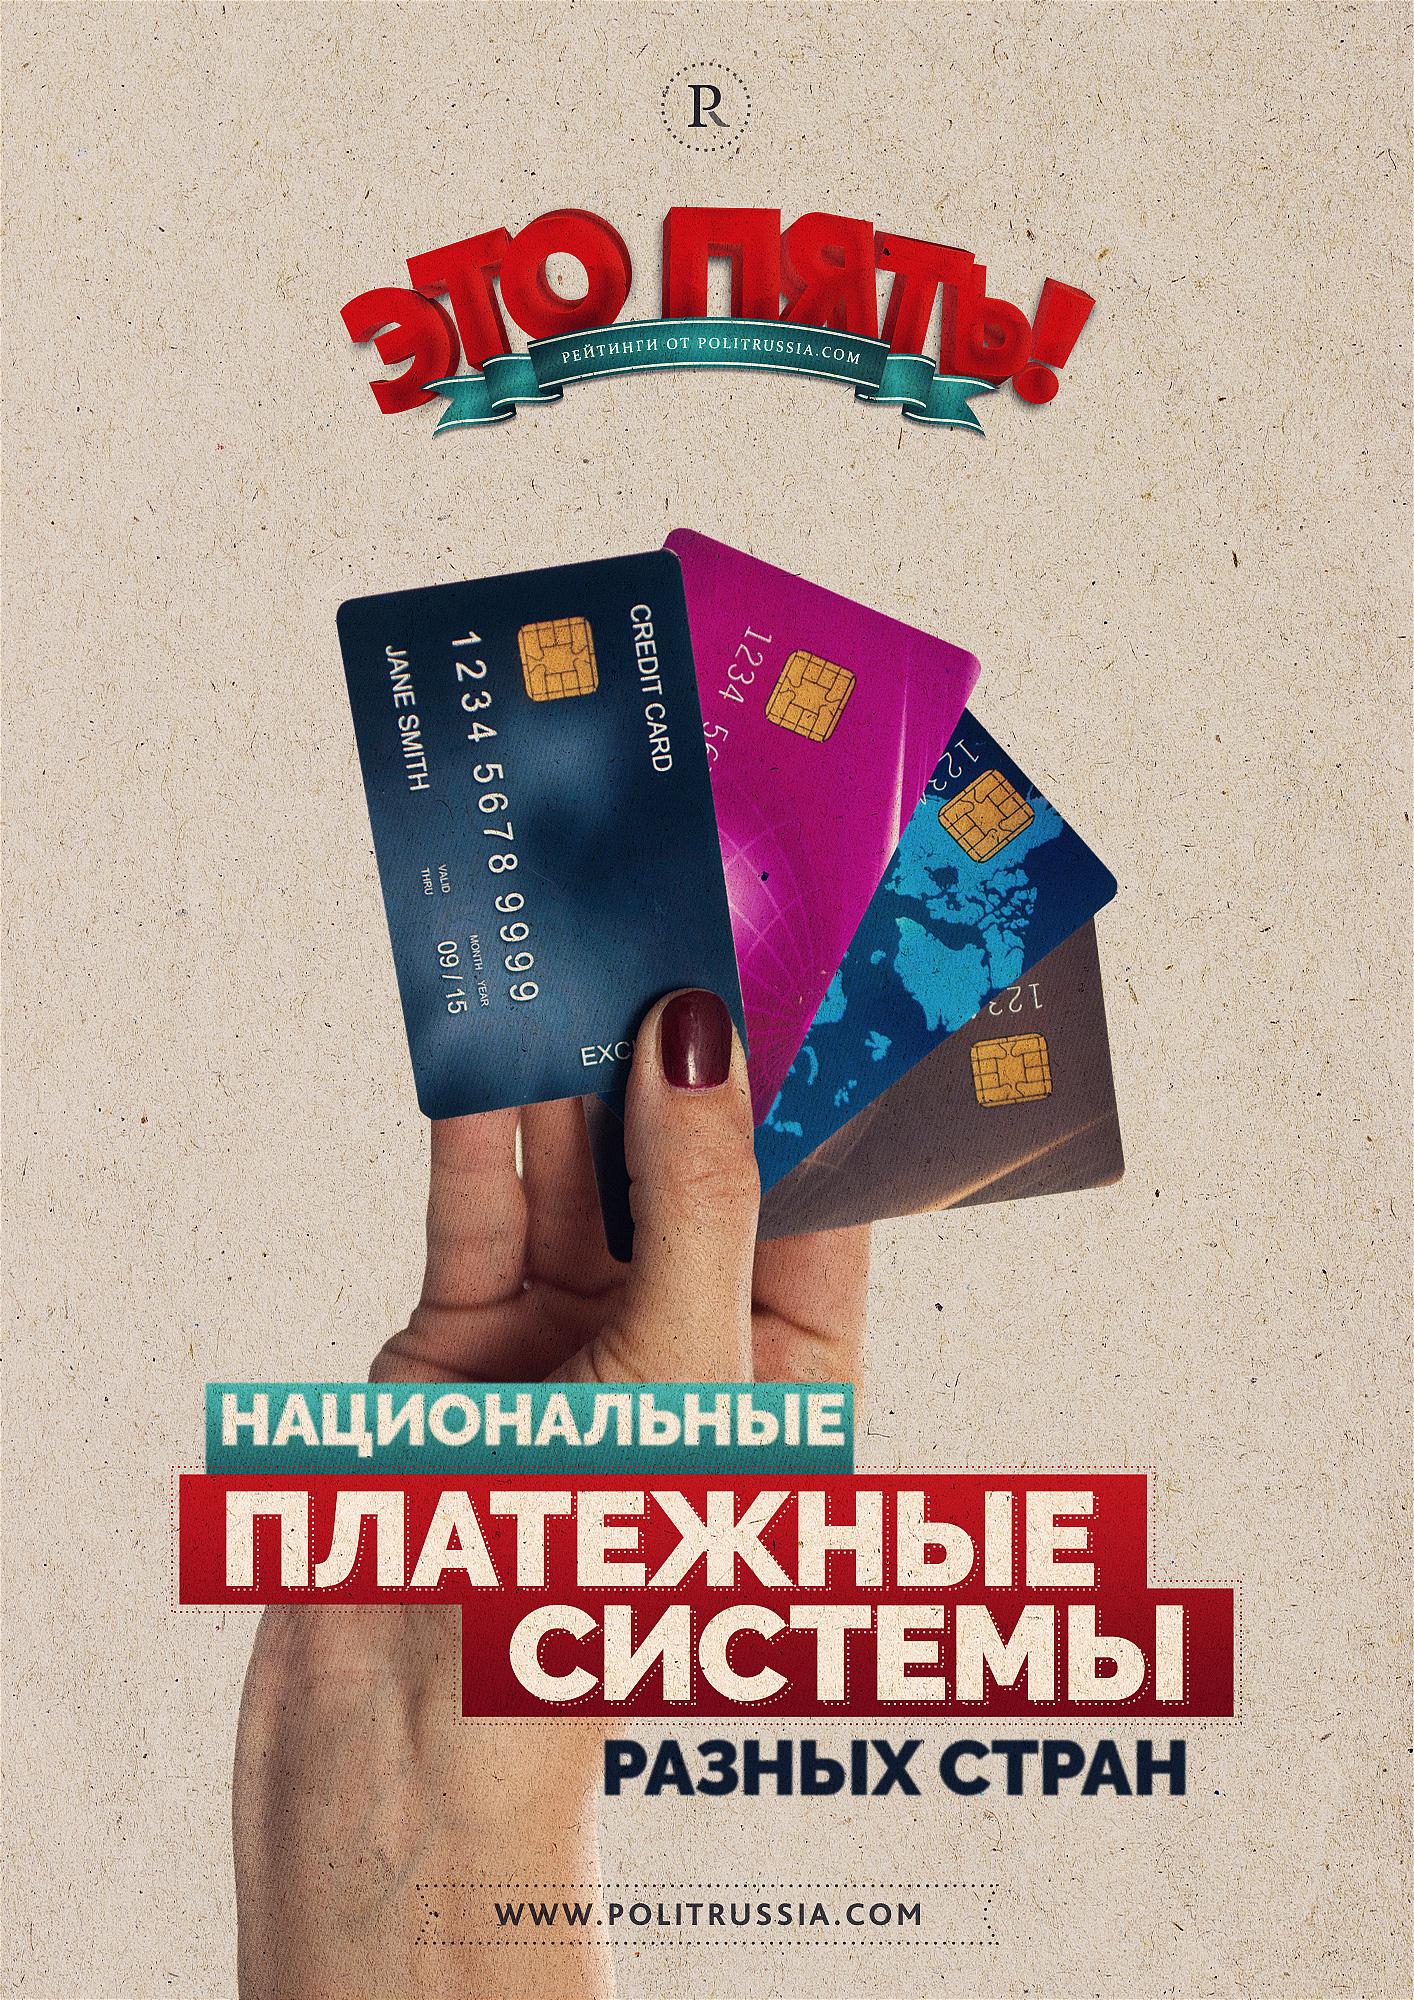 Это пять! Национальные платежные системы разных стран